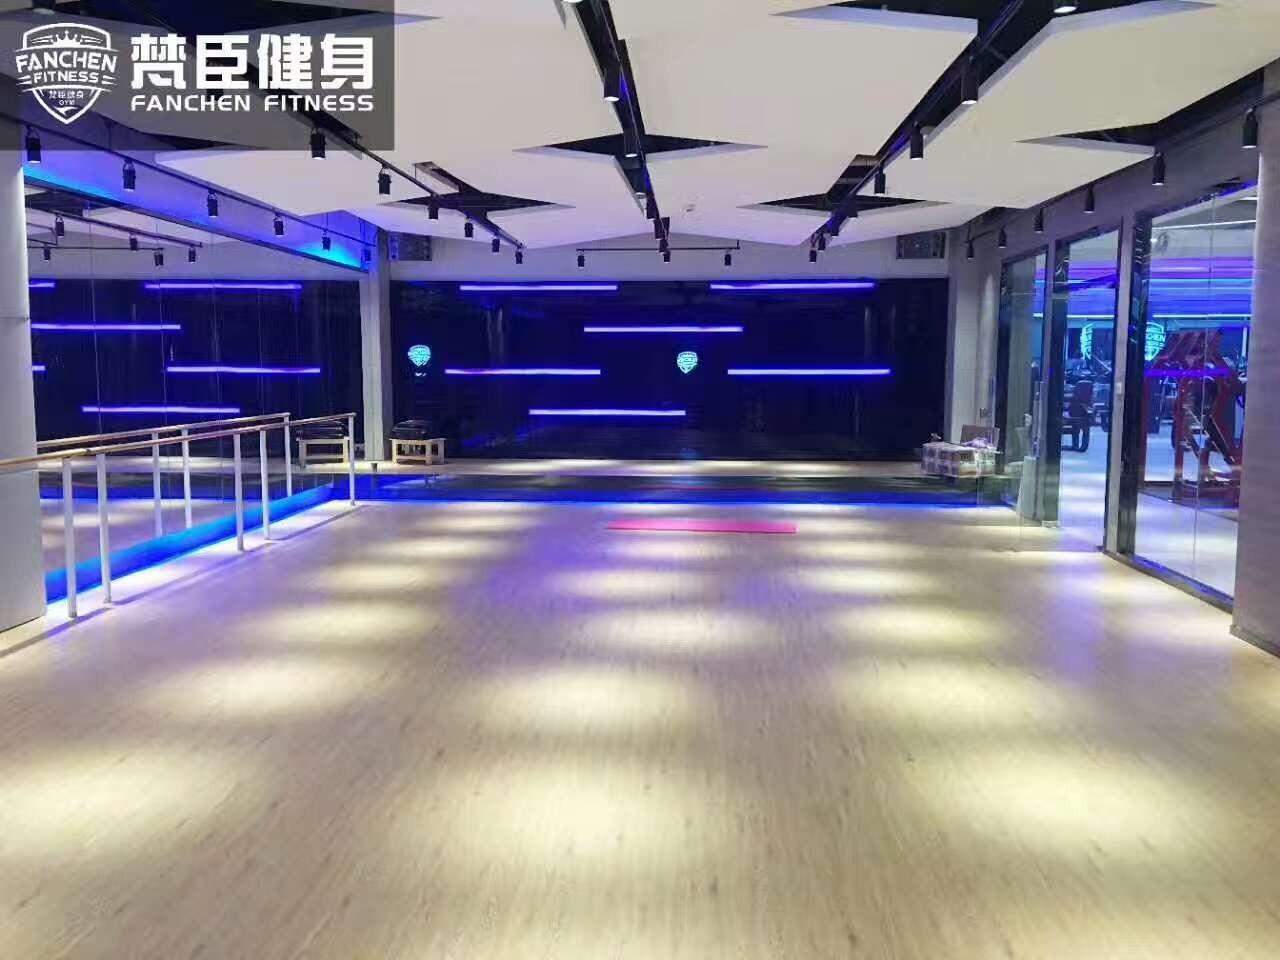 梵臣健身24小时营业旗舰店强势入驻瑞丰商业大厦买一年送一年